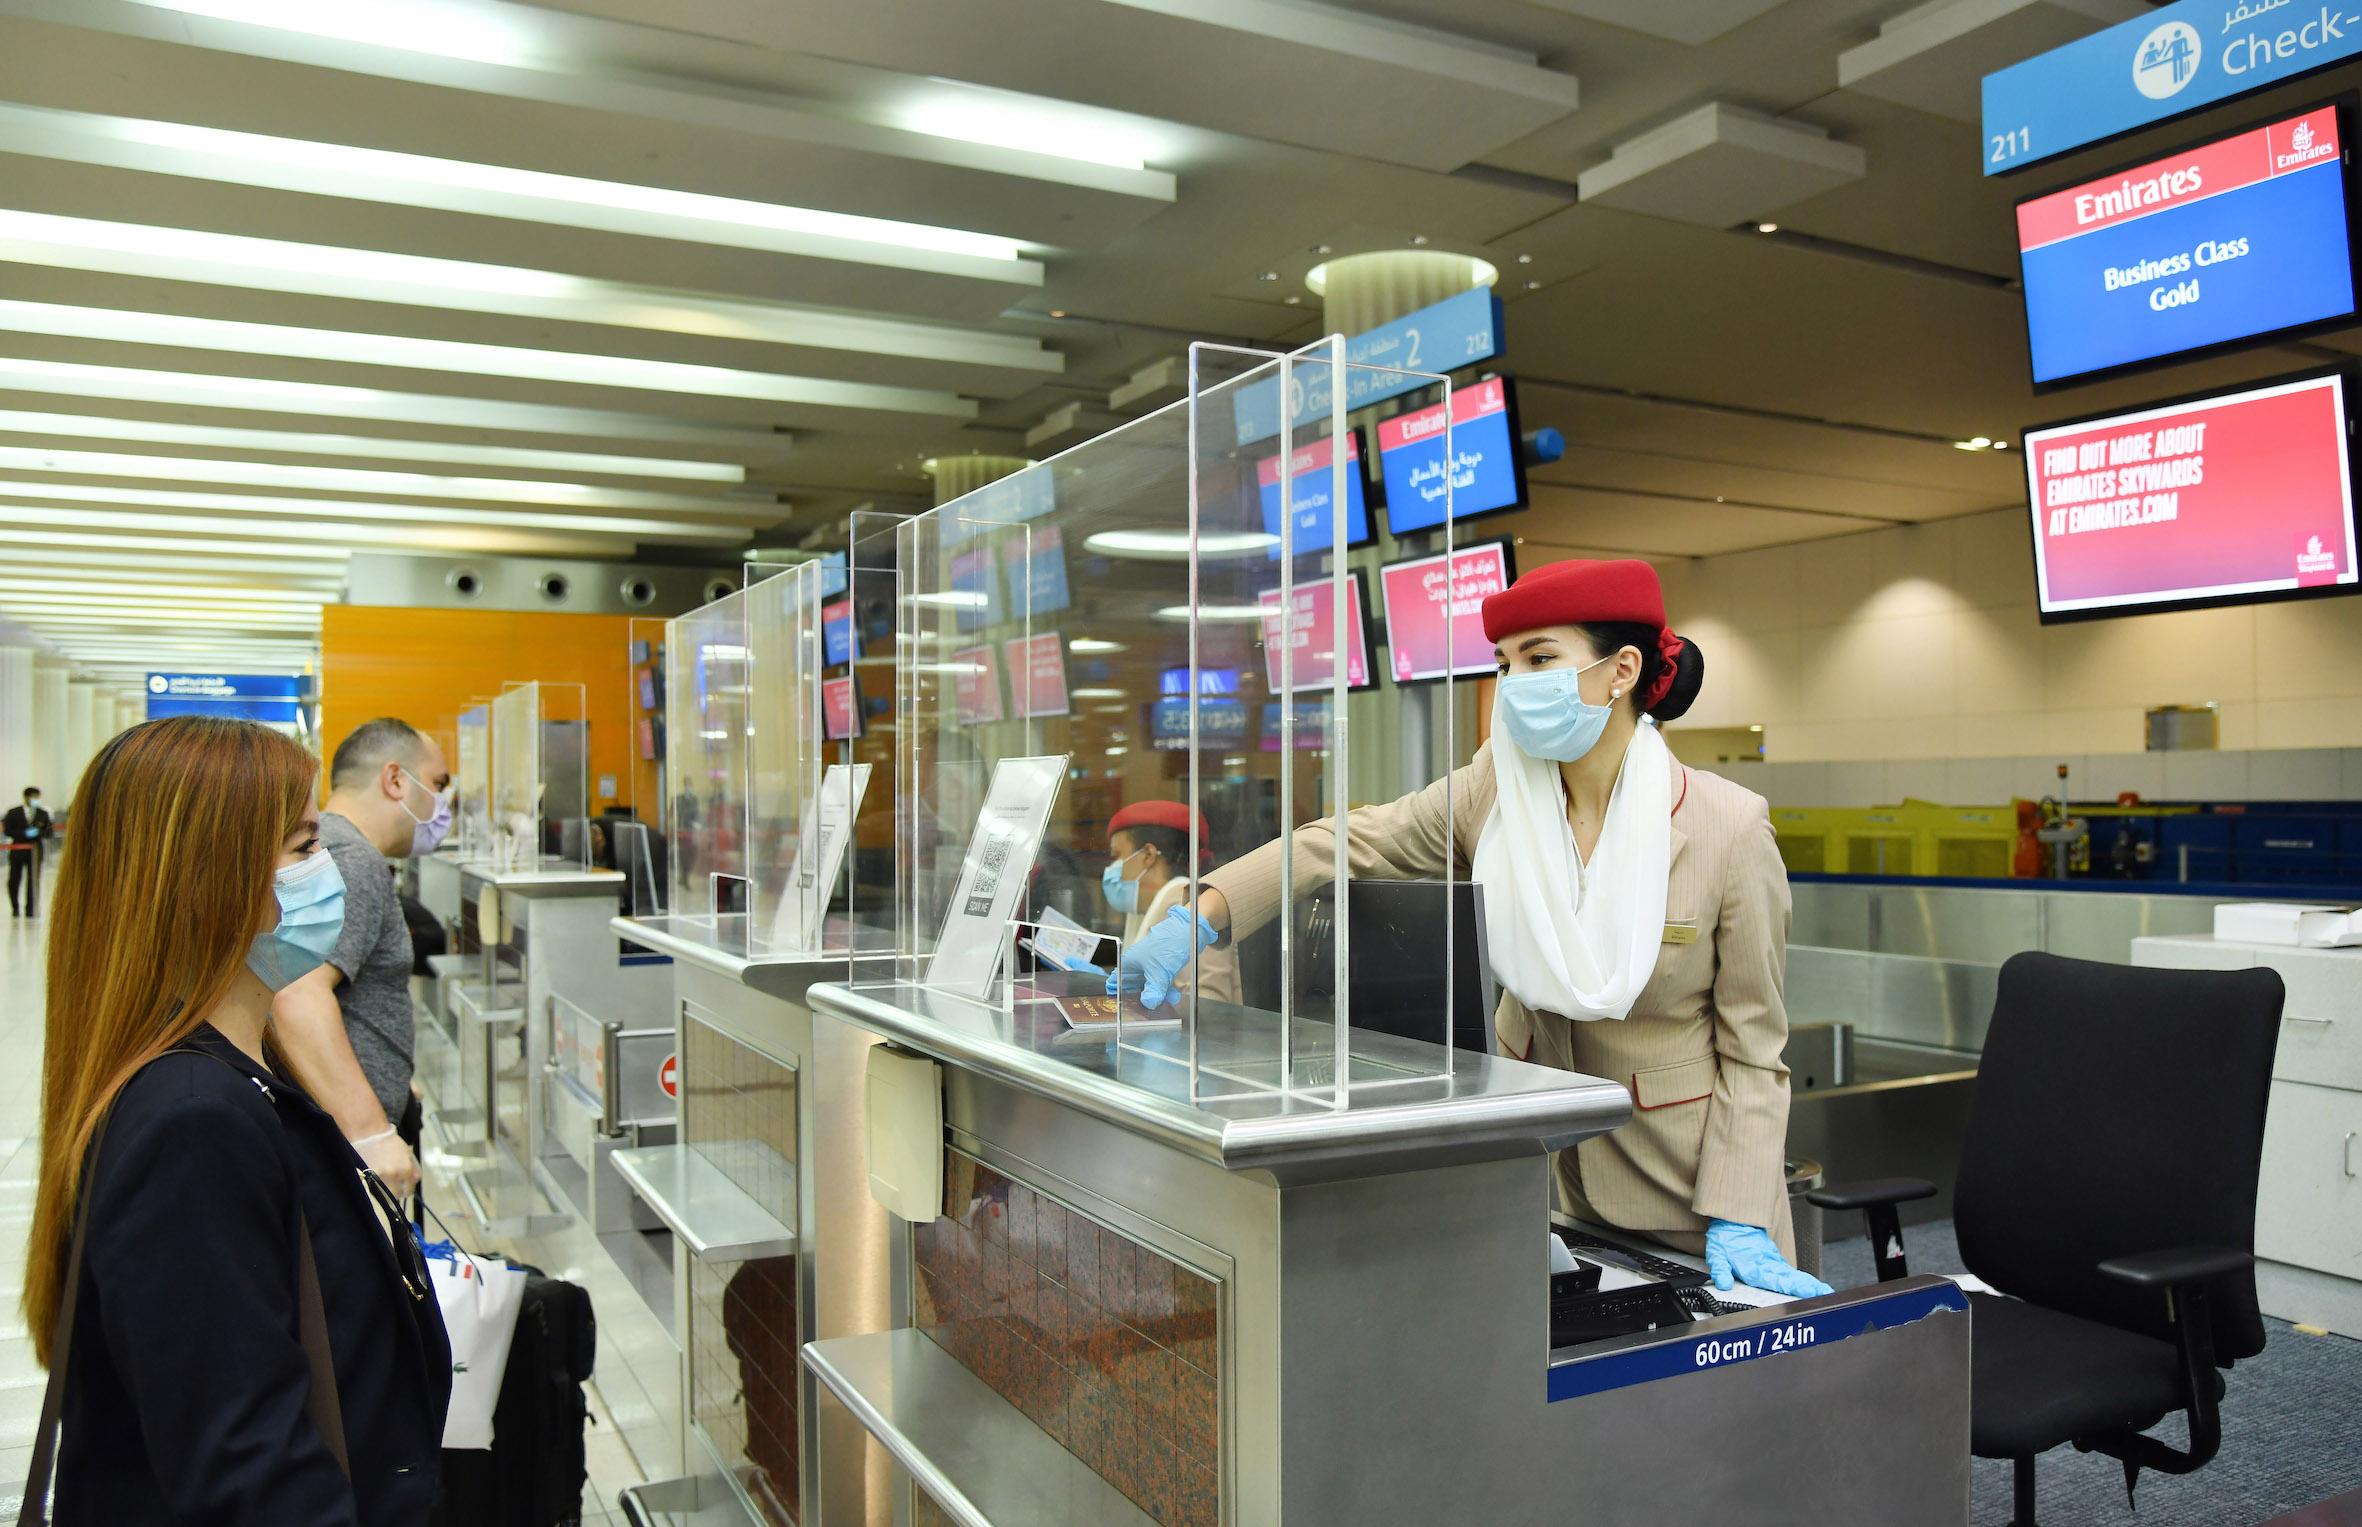 Emirates Check in desk Dubai Airport